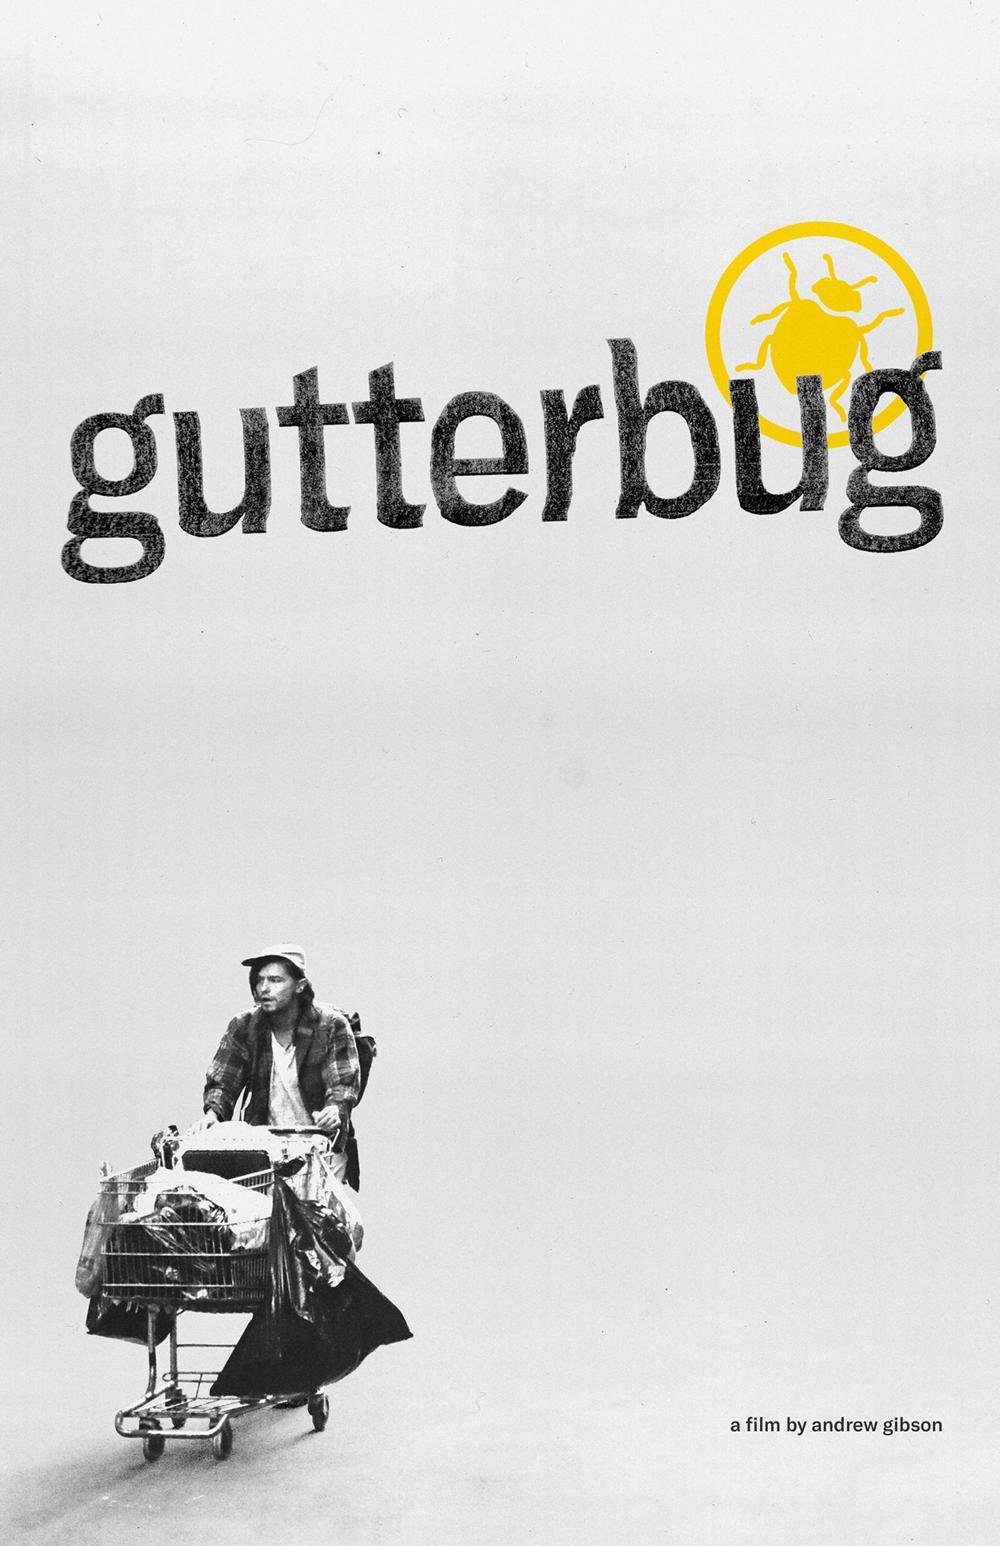 Minimal Gutterbug.png